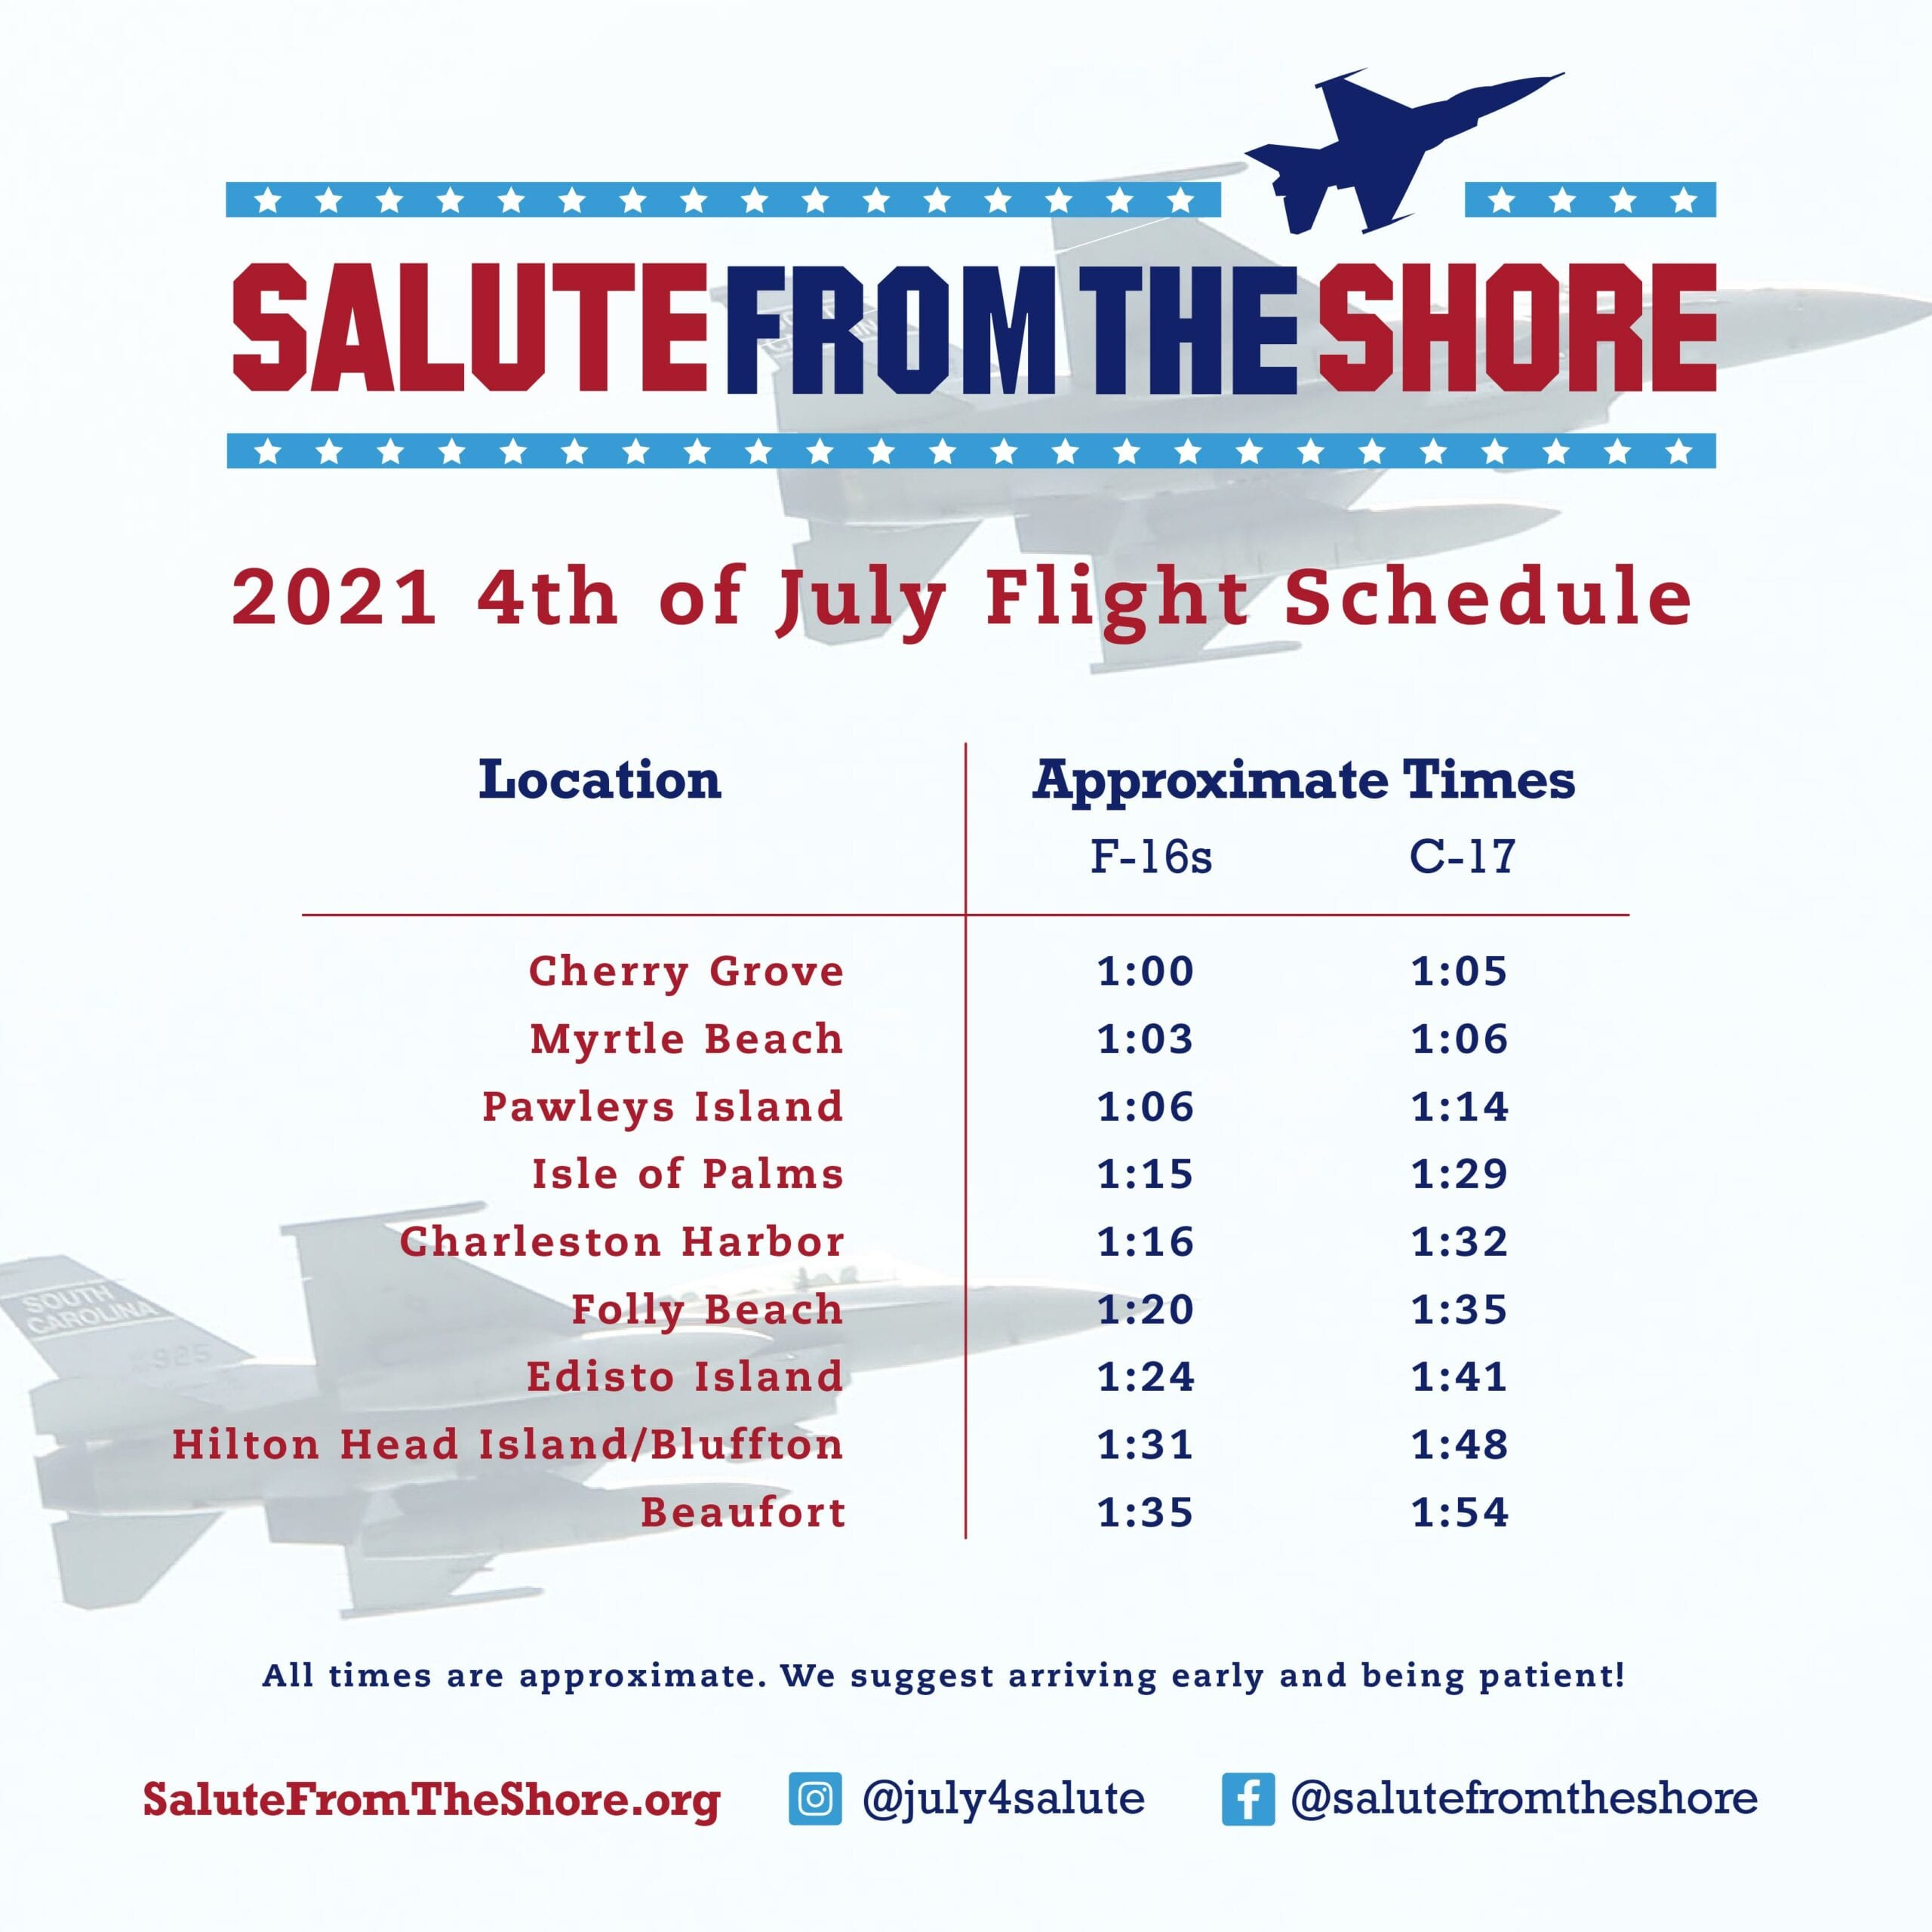 SFTS_21_FlightSchedule-01